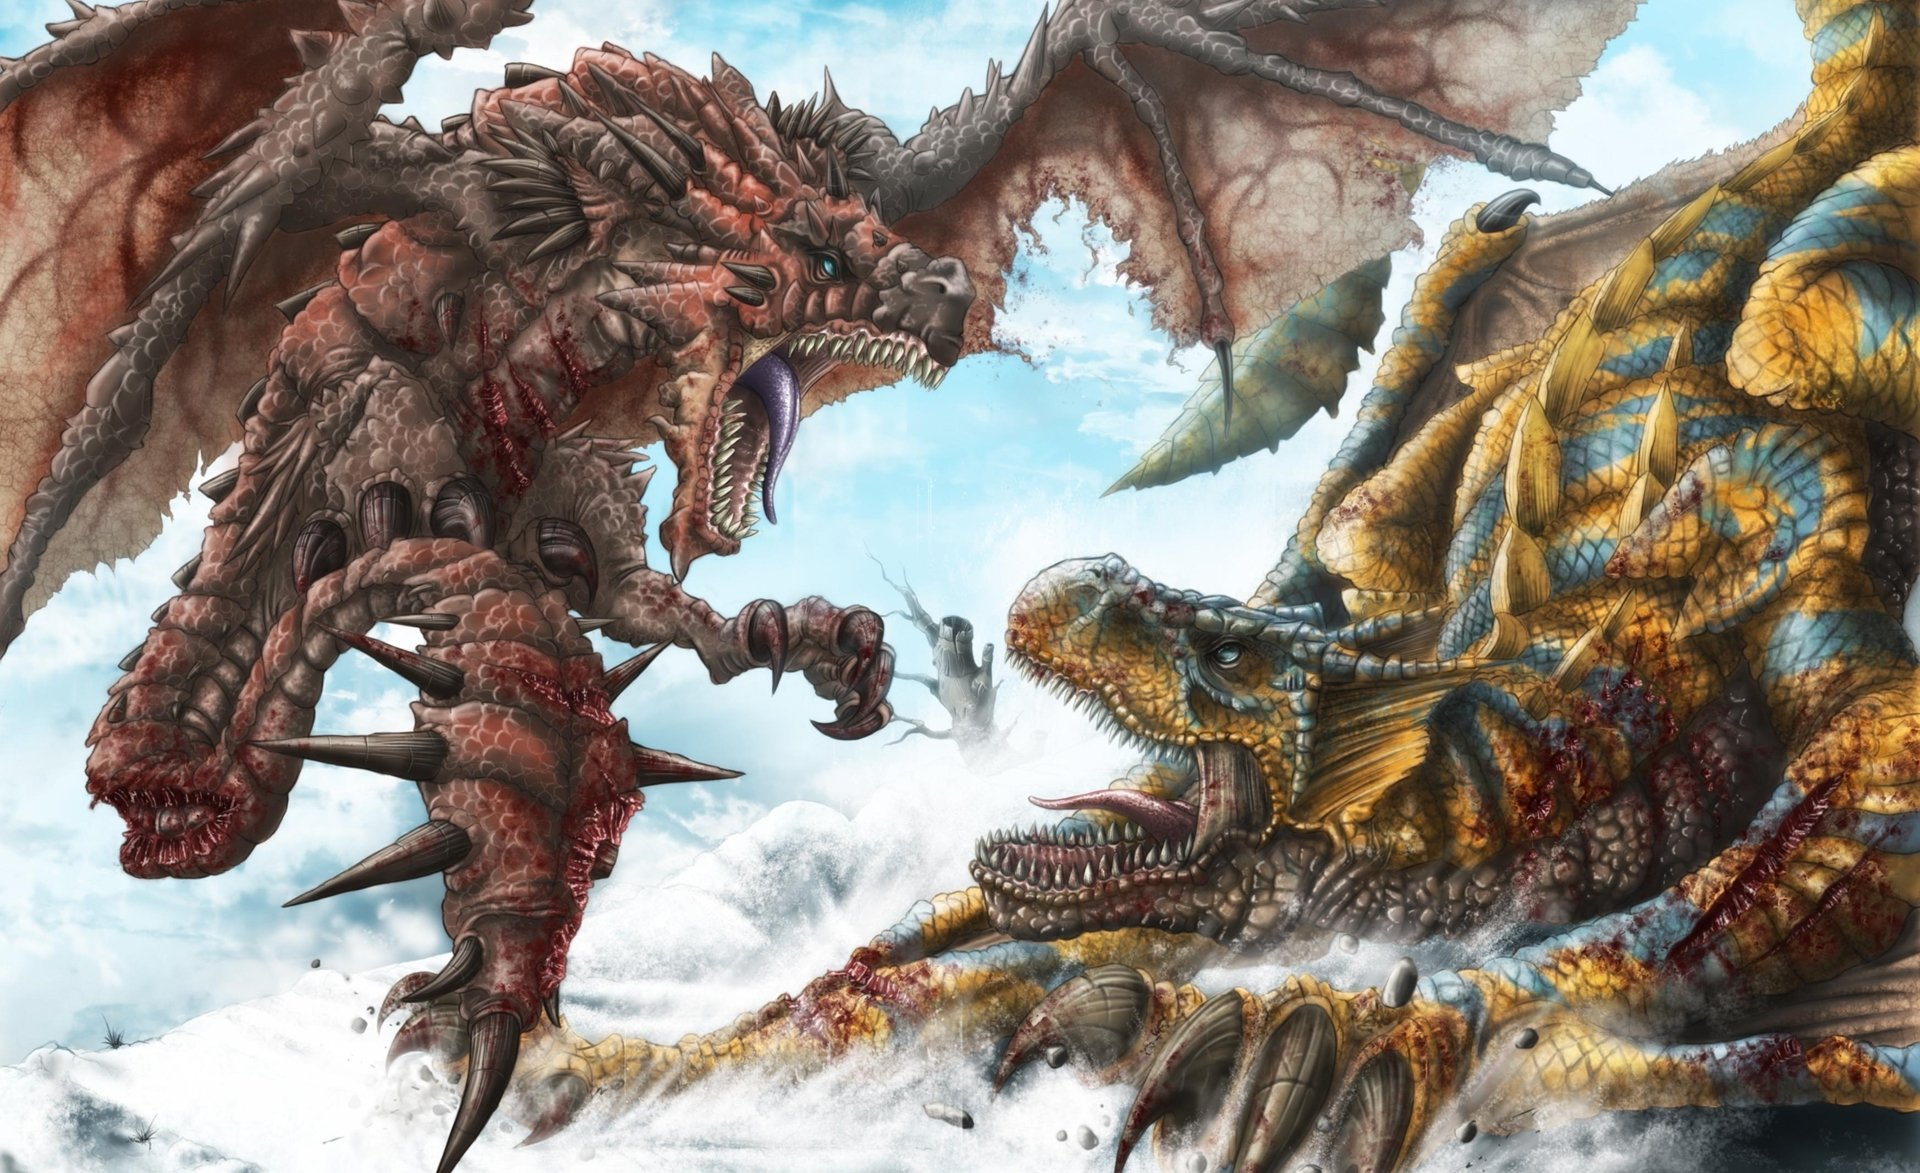 картинки драконы в сражениях магазин разбит отдельные